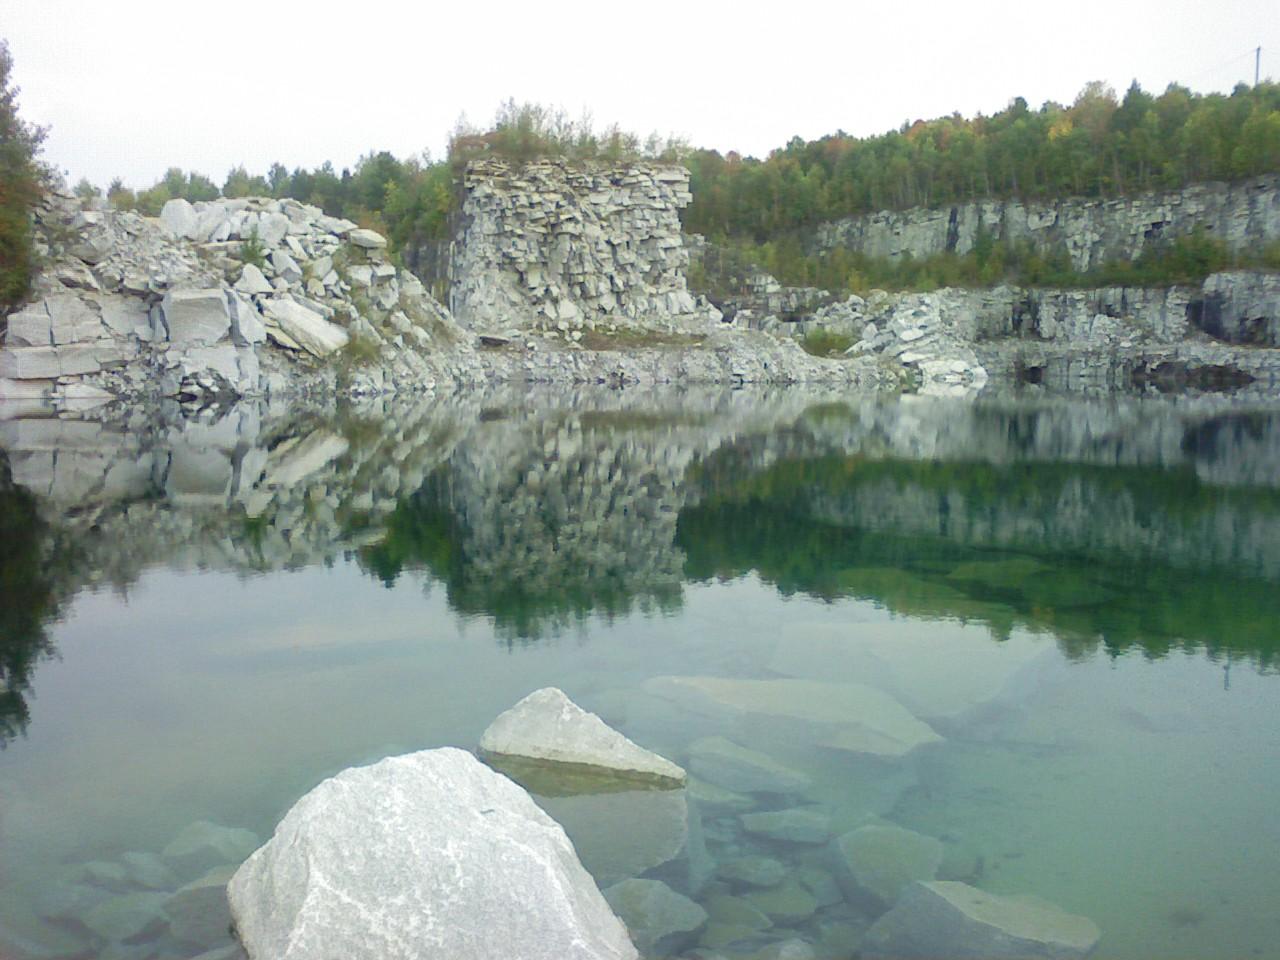 ufp-elusive-quarry.jpg